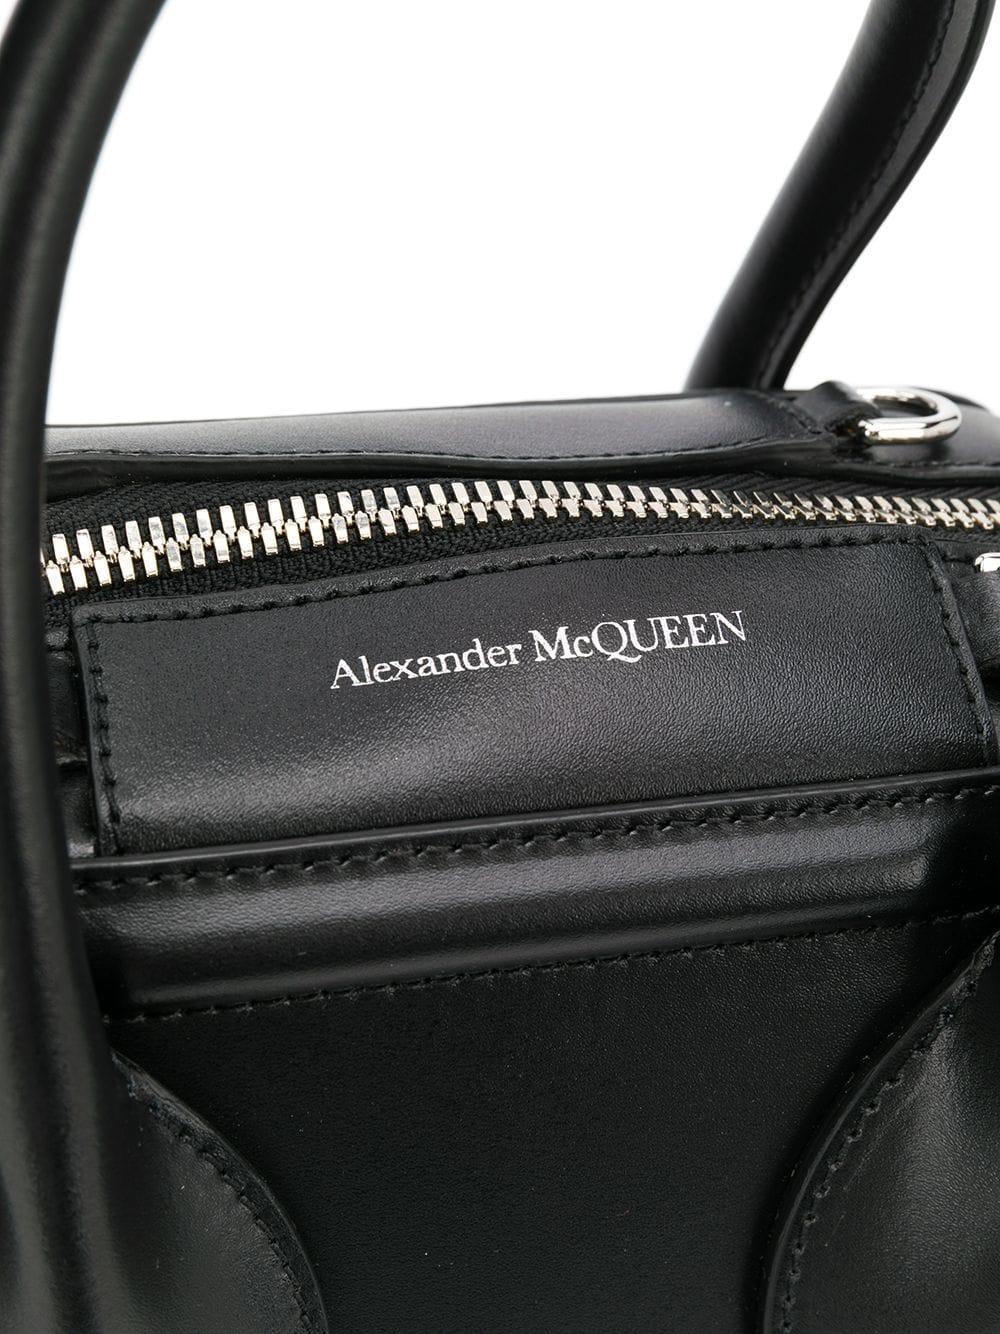 Alexander McQueen Leder 'Pinter' Handtasche in Schwarz IgE5w